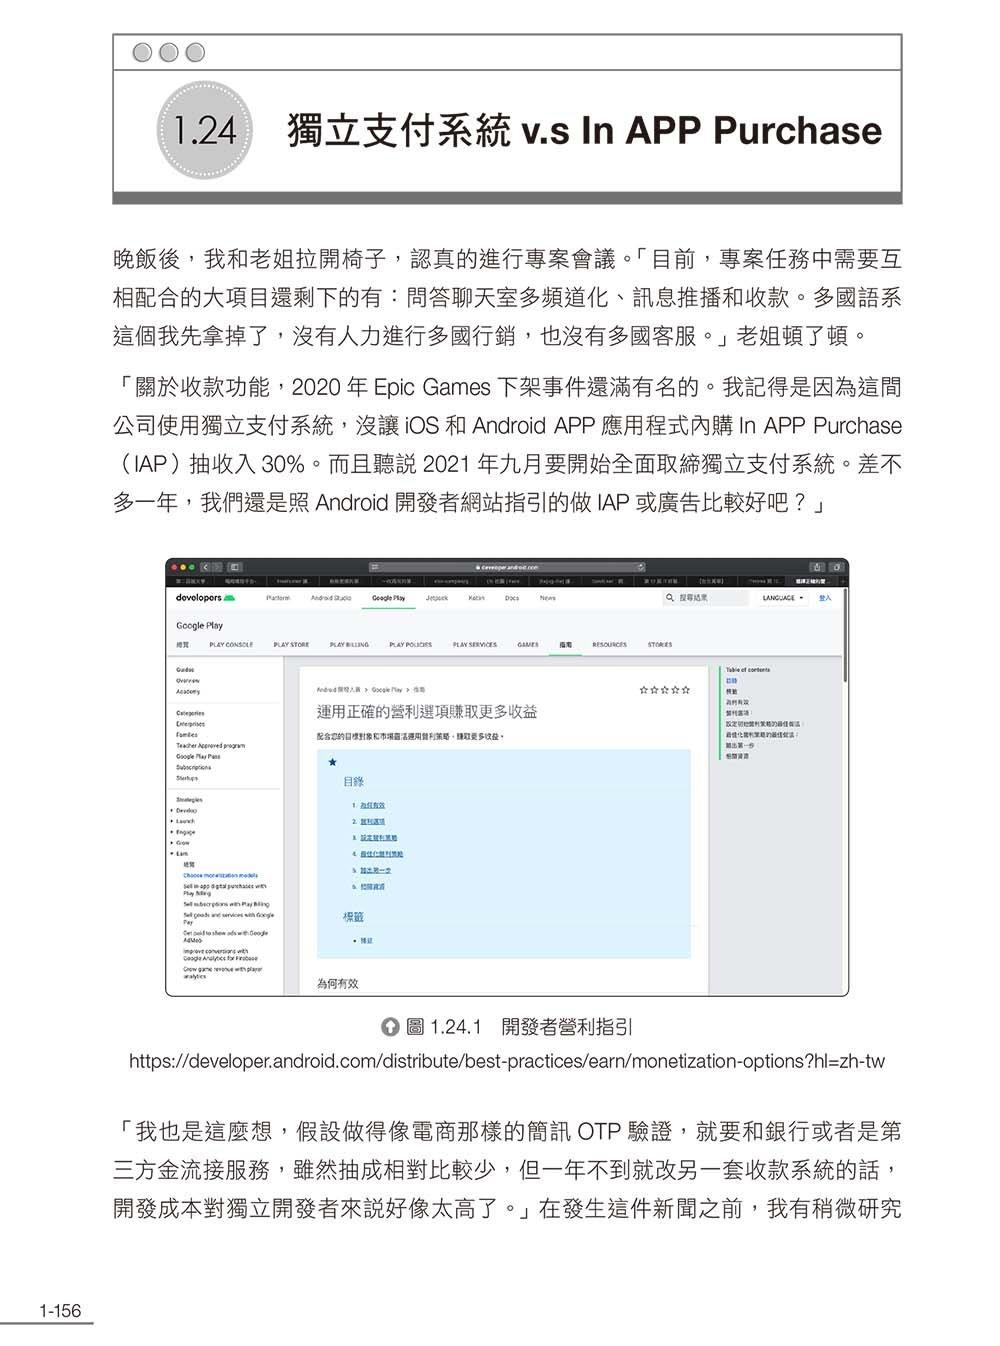 老姐要用 Kotlin 寫專案:從 Server 到 Android APP 的開發生存日記(iT邦幫忙鐵人賽系列書)-preview-8